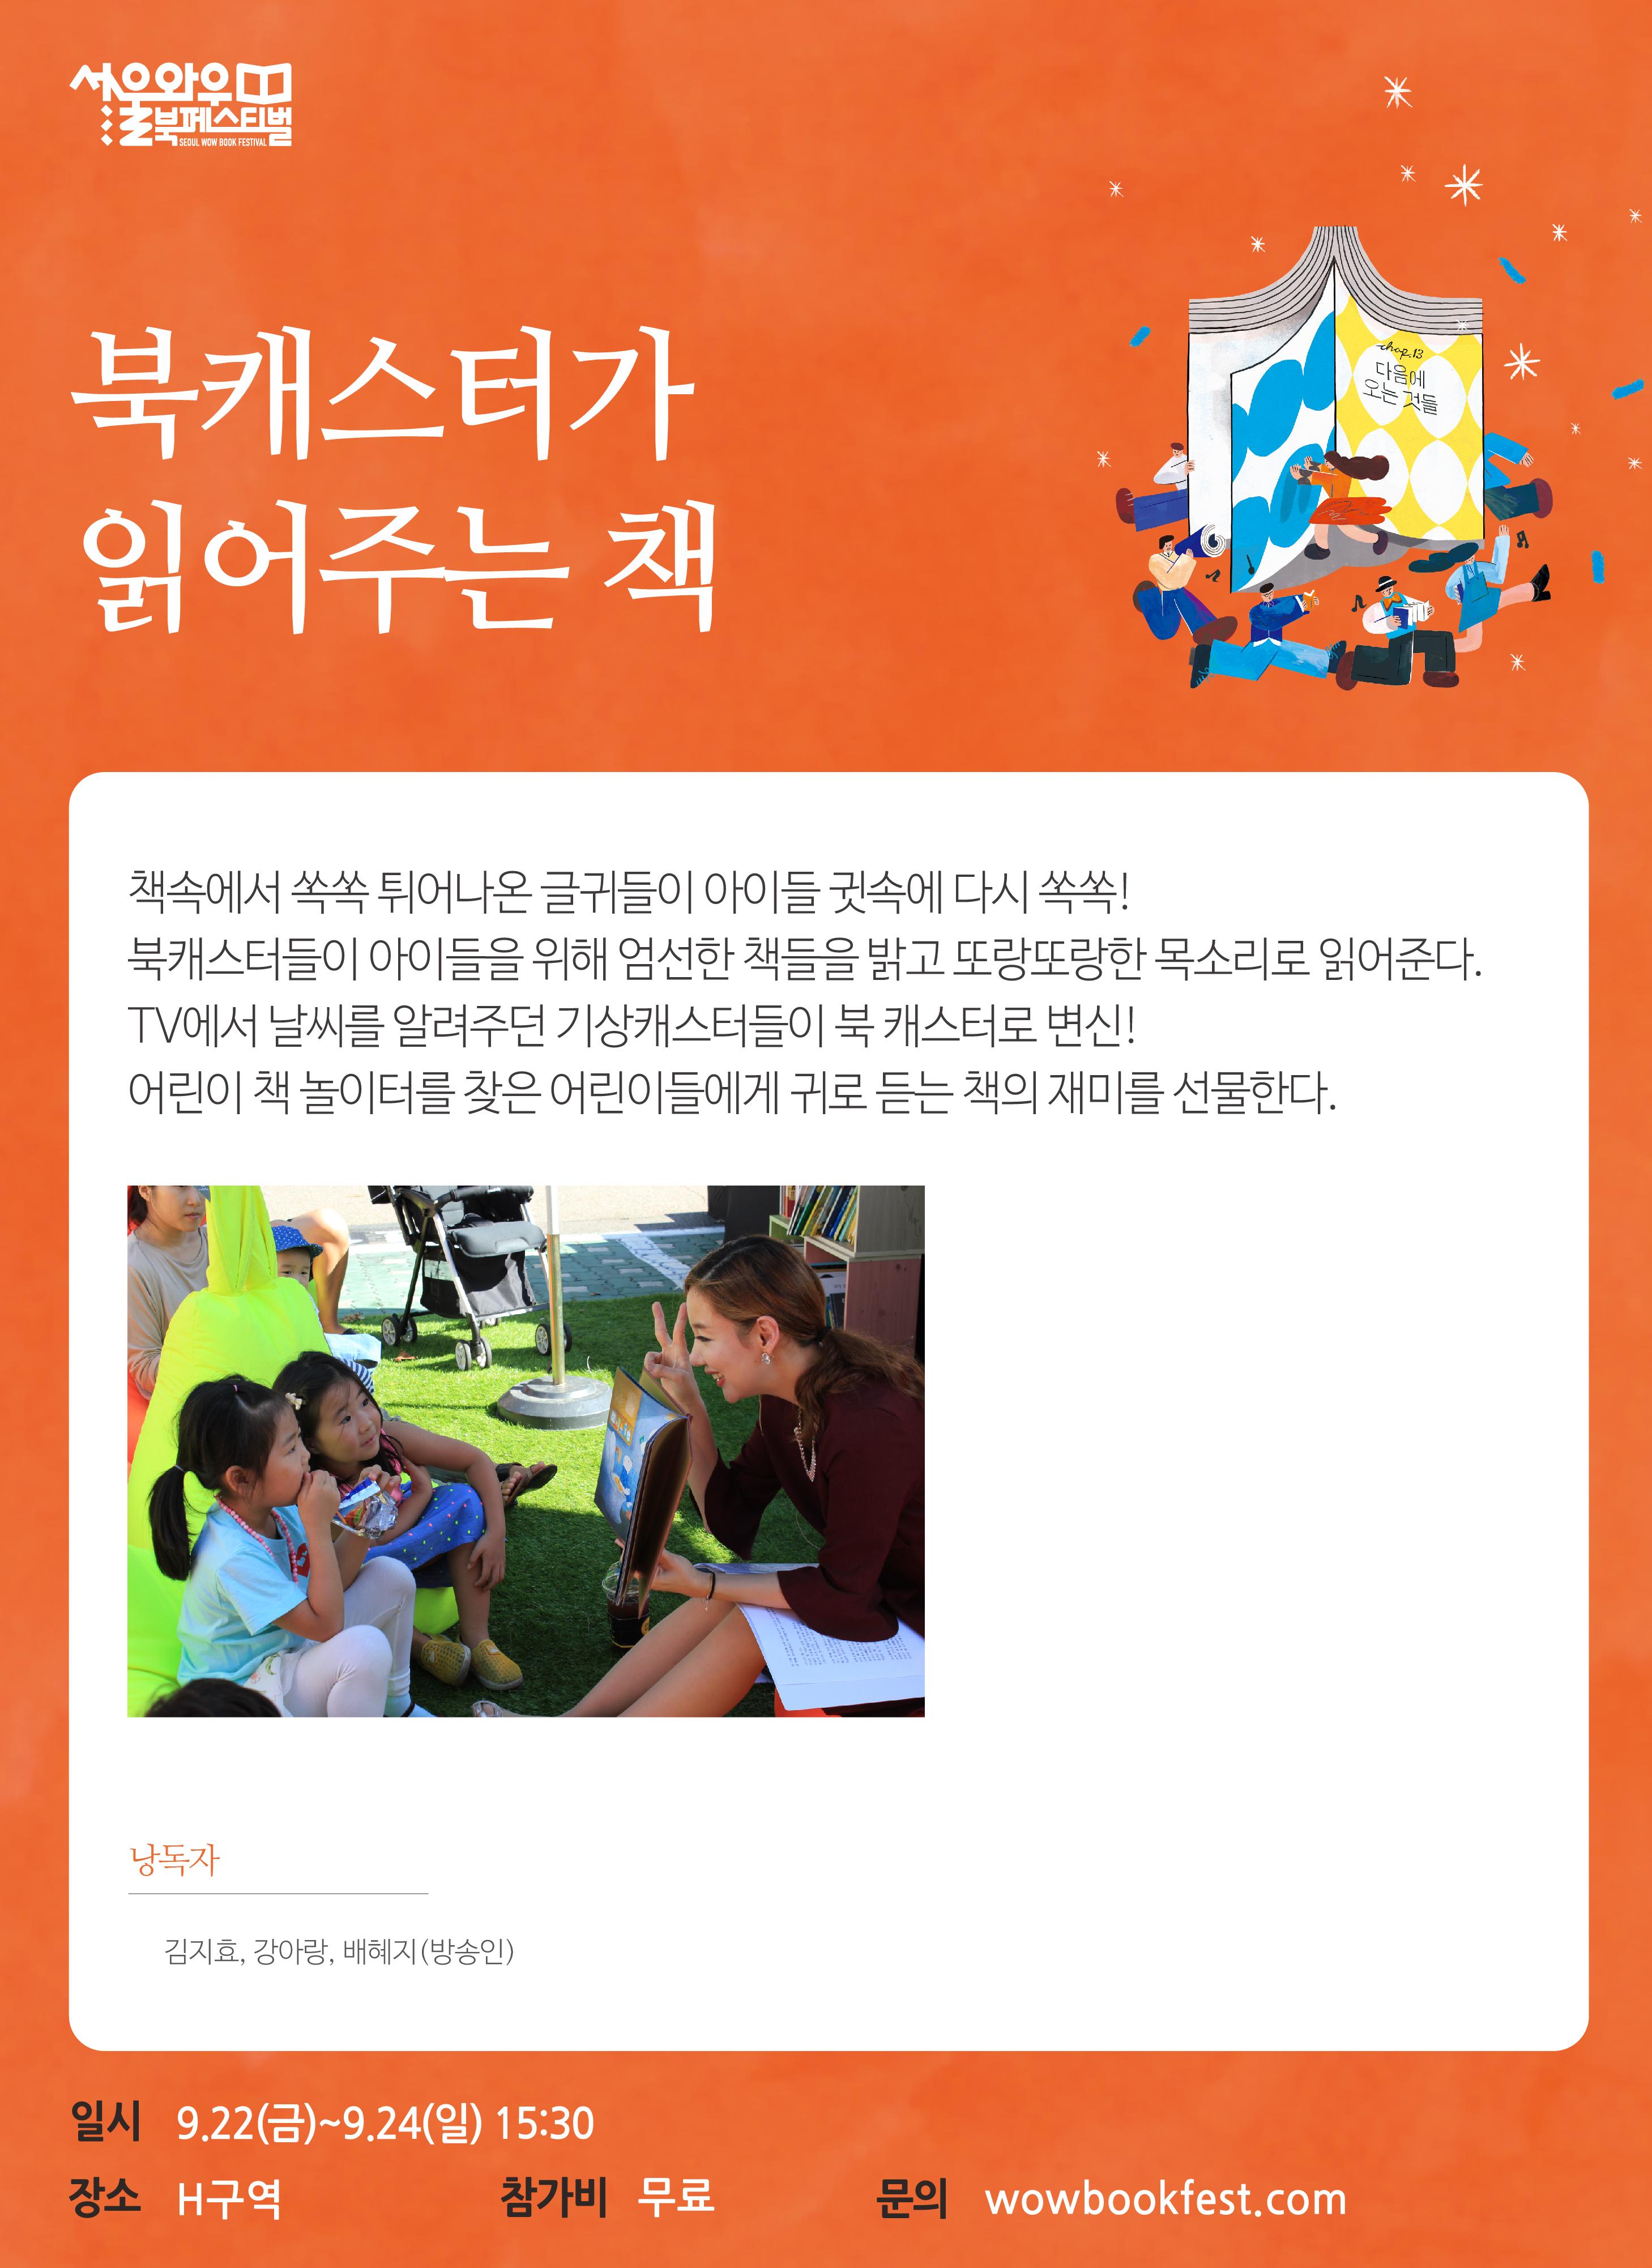 33_공연_북캐스터가 읽어주는 책-01.jpg